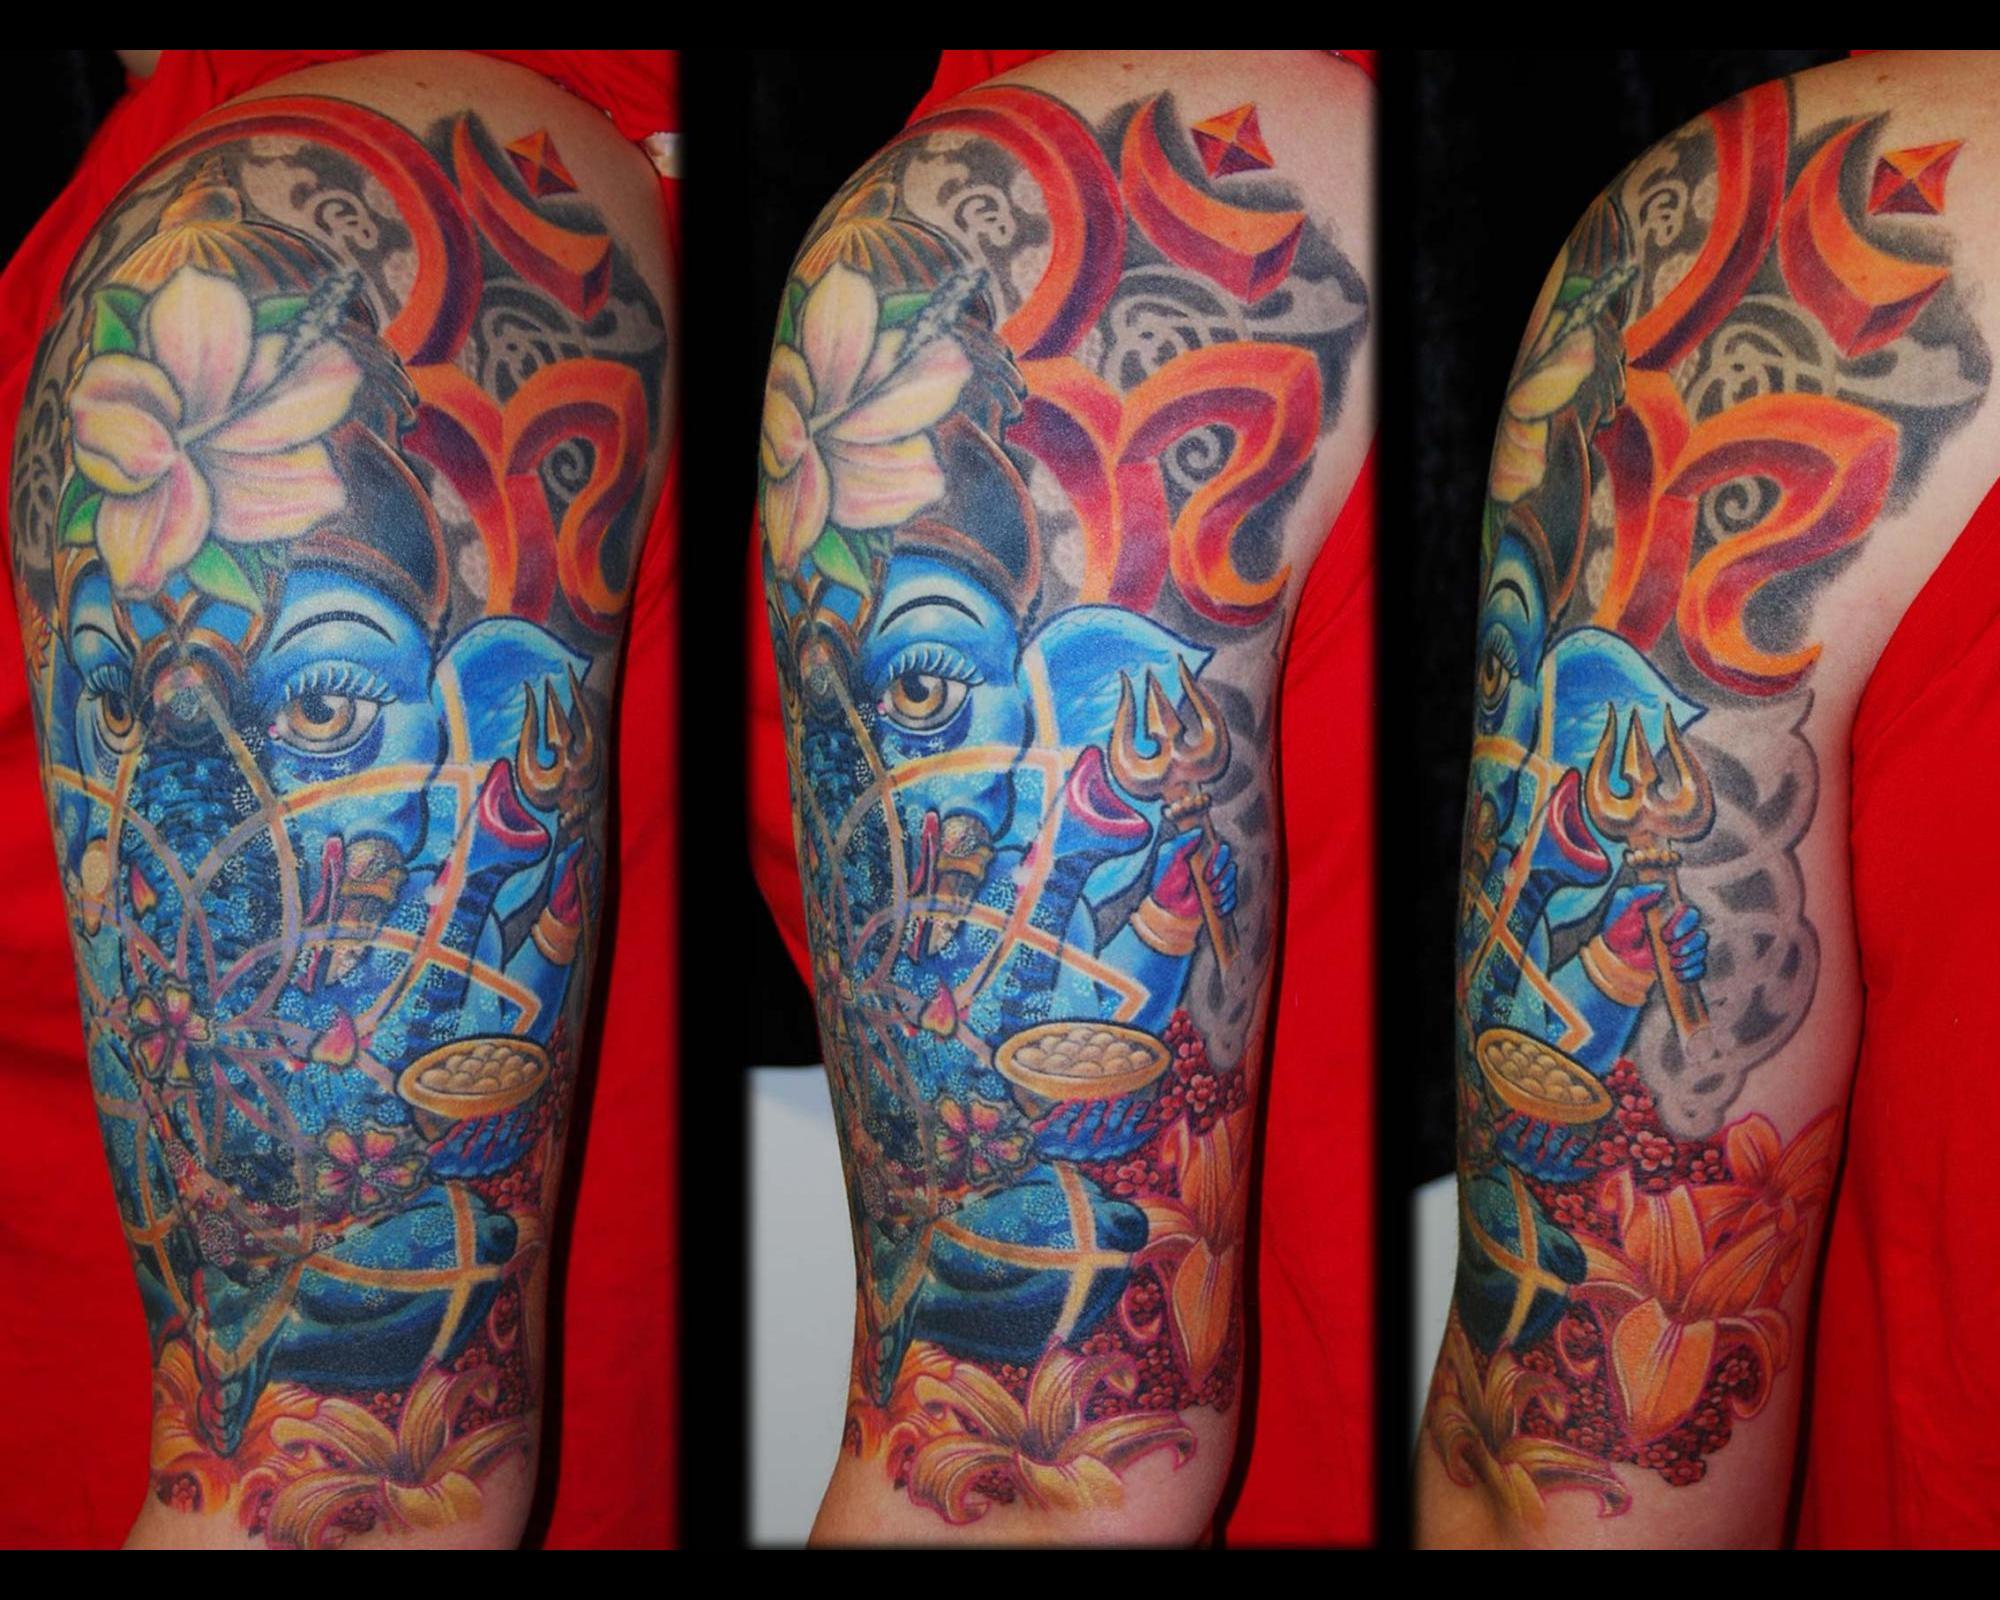 Ganesha Cover up Tattoo Überdeckung Blumen Ornament Dotwork München Spezialität